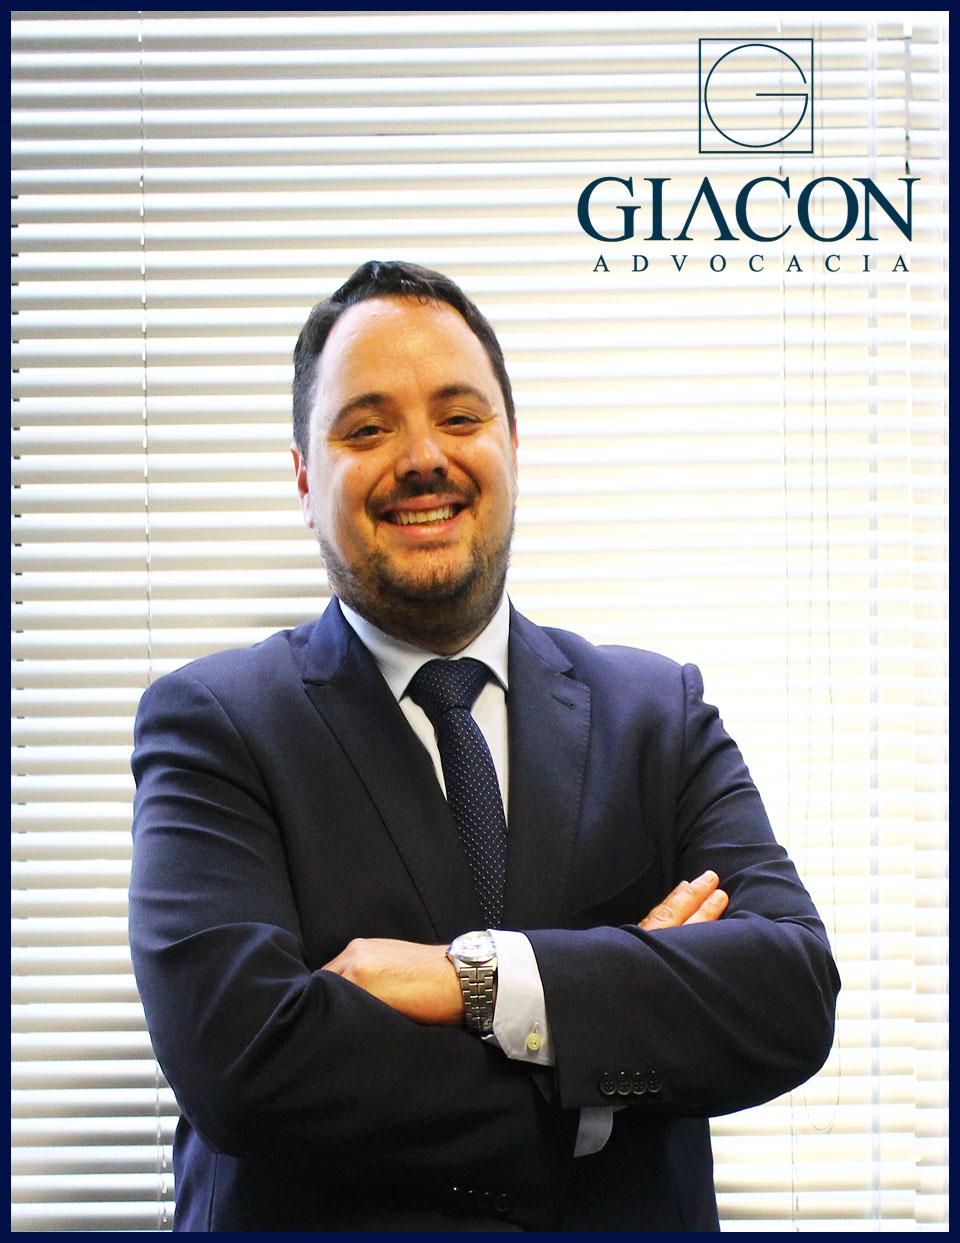 THIAGO GIACON